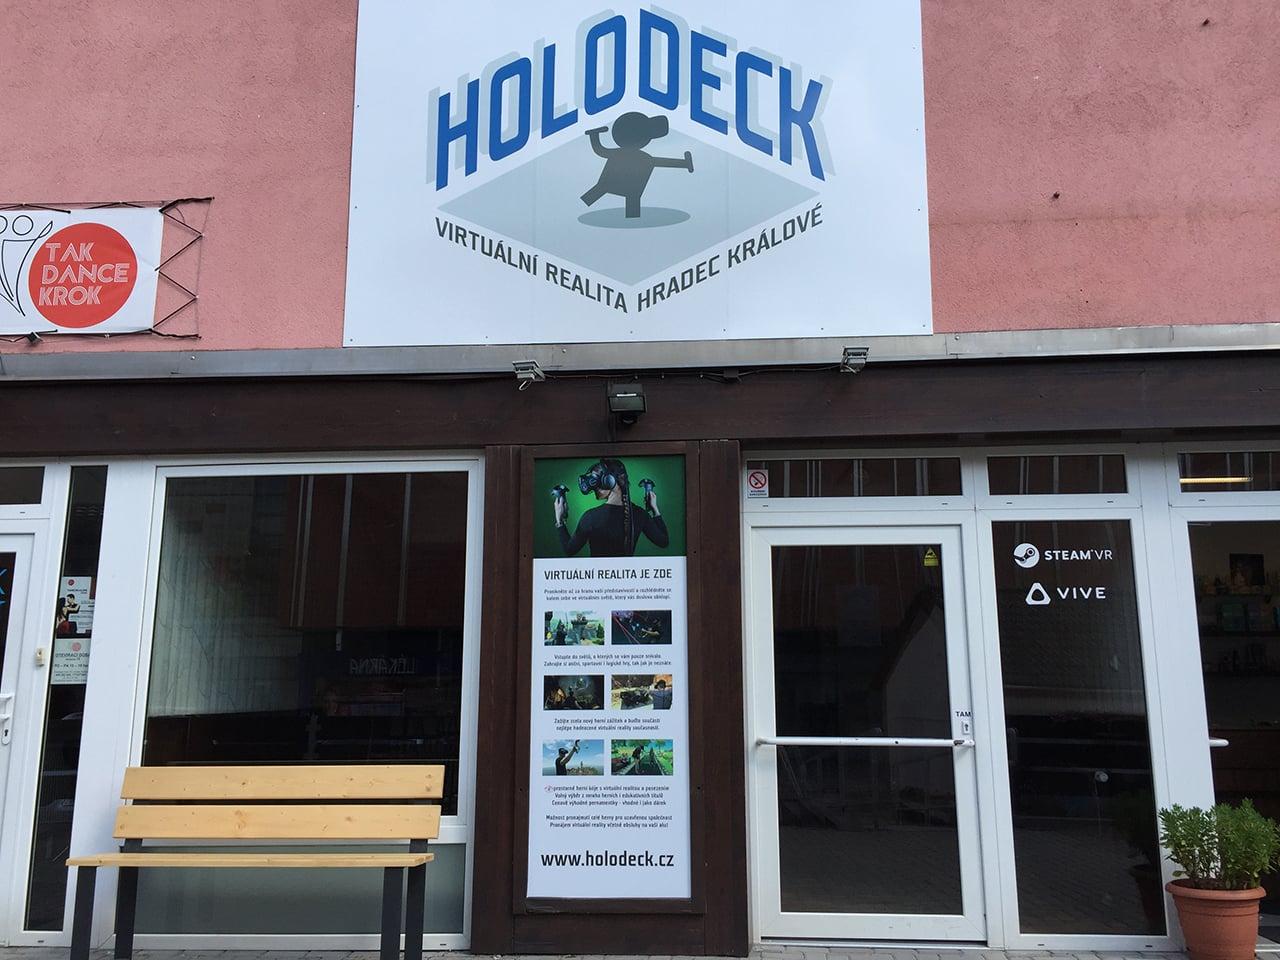 Holodeck, herna s virtuální realitou v Hradci Králové